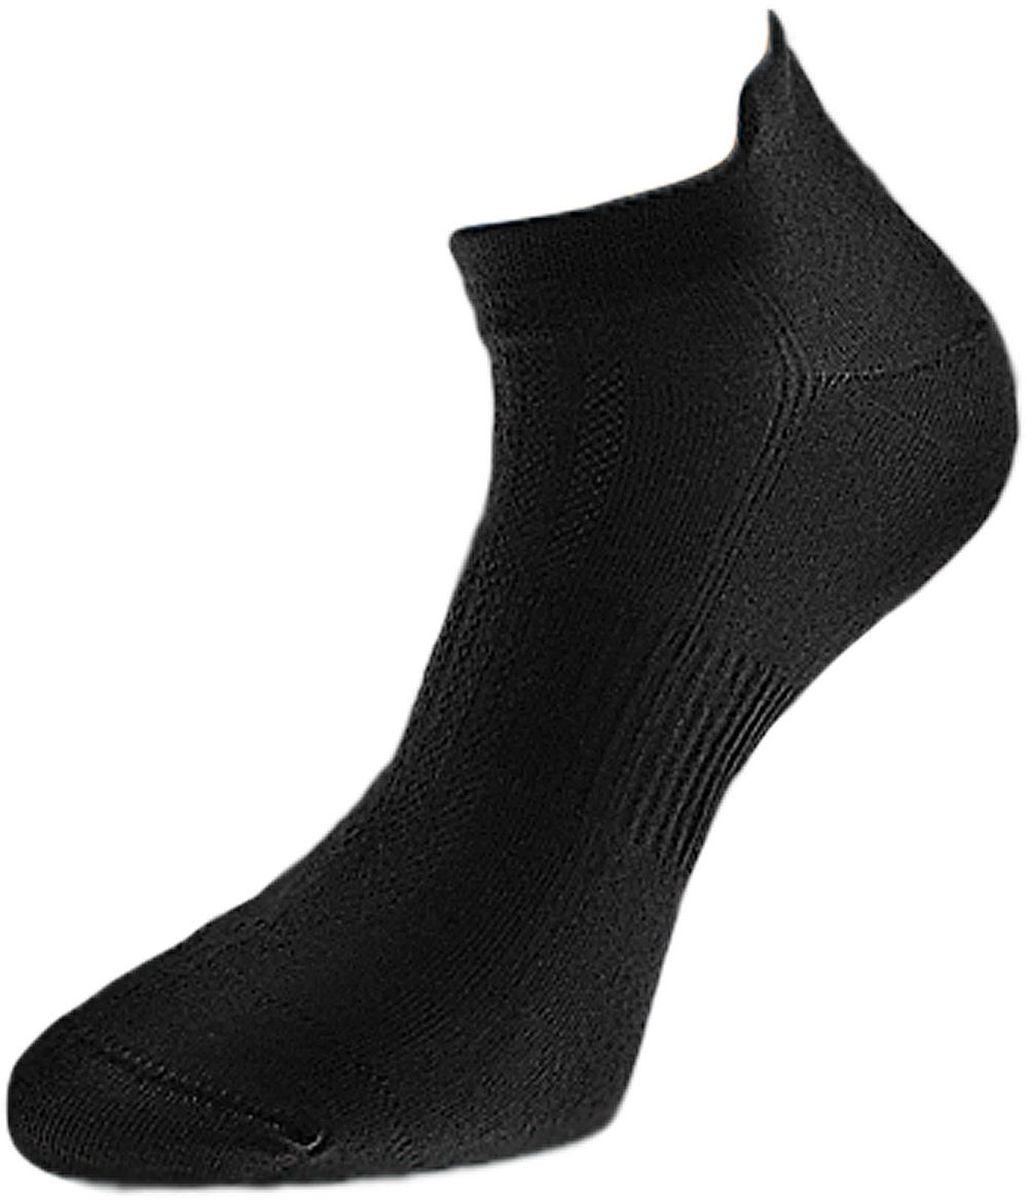 Комплект носковZCL109Мужские укороченные носки Гранд выполнены из хлопка, для занятий спортом. Основа материала - высококачественный хлопок. Носки хорошо держат форму и обладают повышенной воздухопроницаемостью, не линяют после многочисленных стирок, имеют укороченную высоту паголенка и усиленные пятку и мысок для повышенной износостойкости. Резинка вокруг стопы обеспечивает дополнительную фиксацию. Функция отвода влаги позволяет сохранить ноги сухими. Носки произведены по европейским стандартам на современных итальянских вязальных автоматах Busi Giovanni.